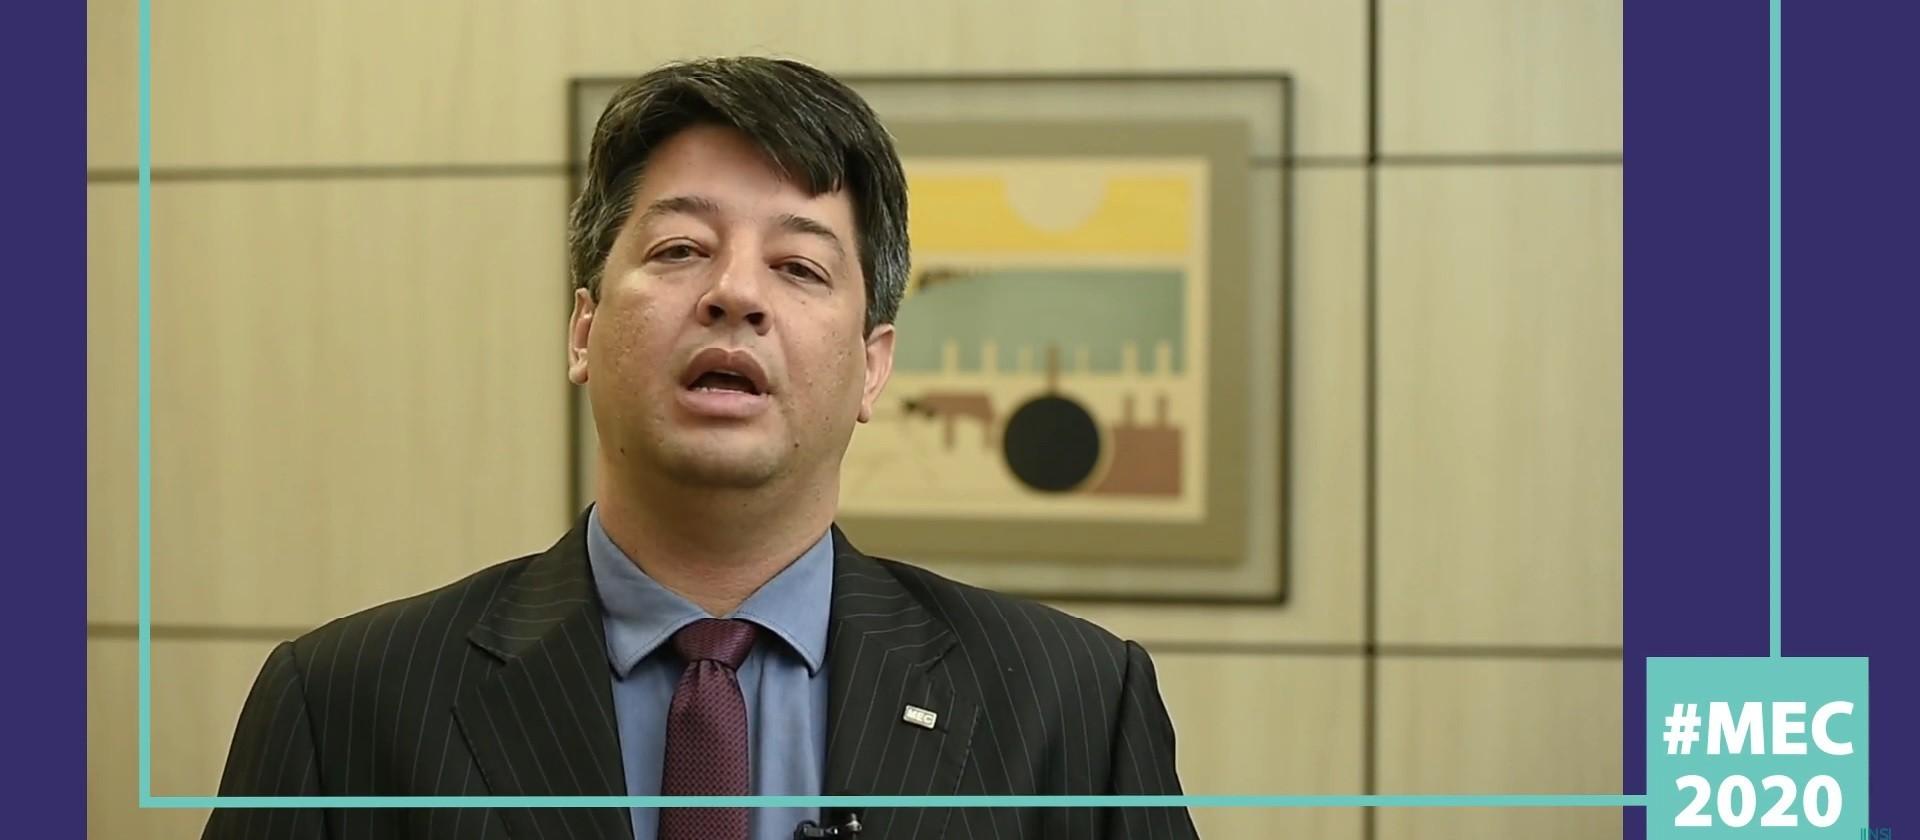 Future-se chega ao Congresso Nacional no início do ano legislativo em regime de urgência